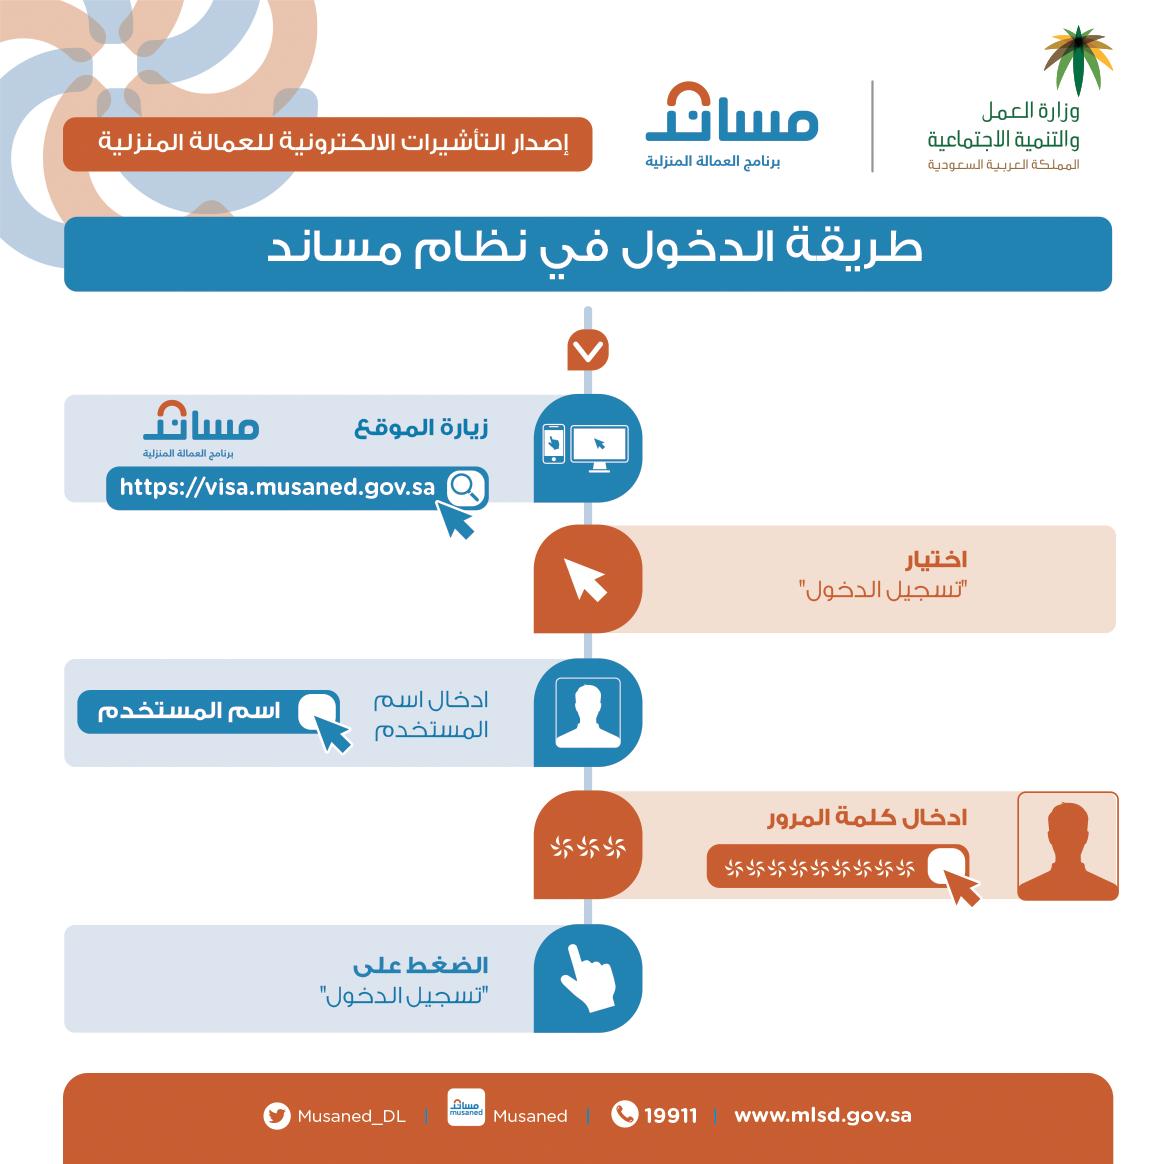 مساند Musaned Pa Twitter خطوات الدخول إلى حسابك الإلكتروني في بوابة مساند إصدرها بنفسك وزارة العمل والتنمية الاجتماعية